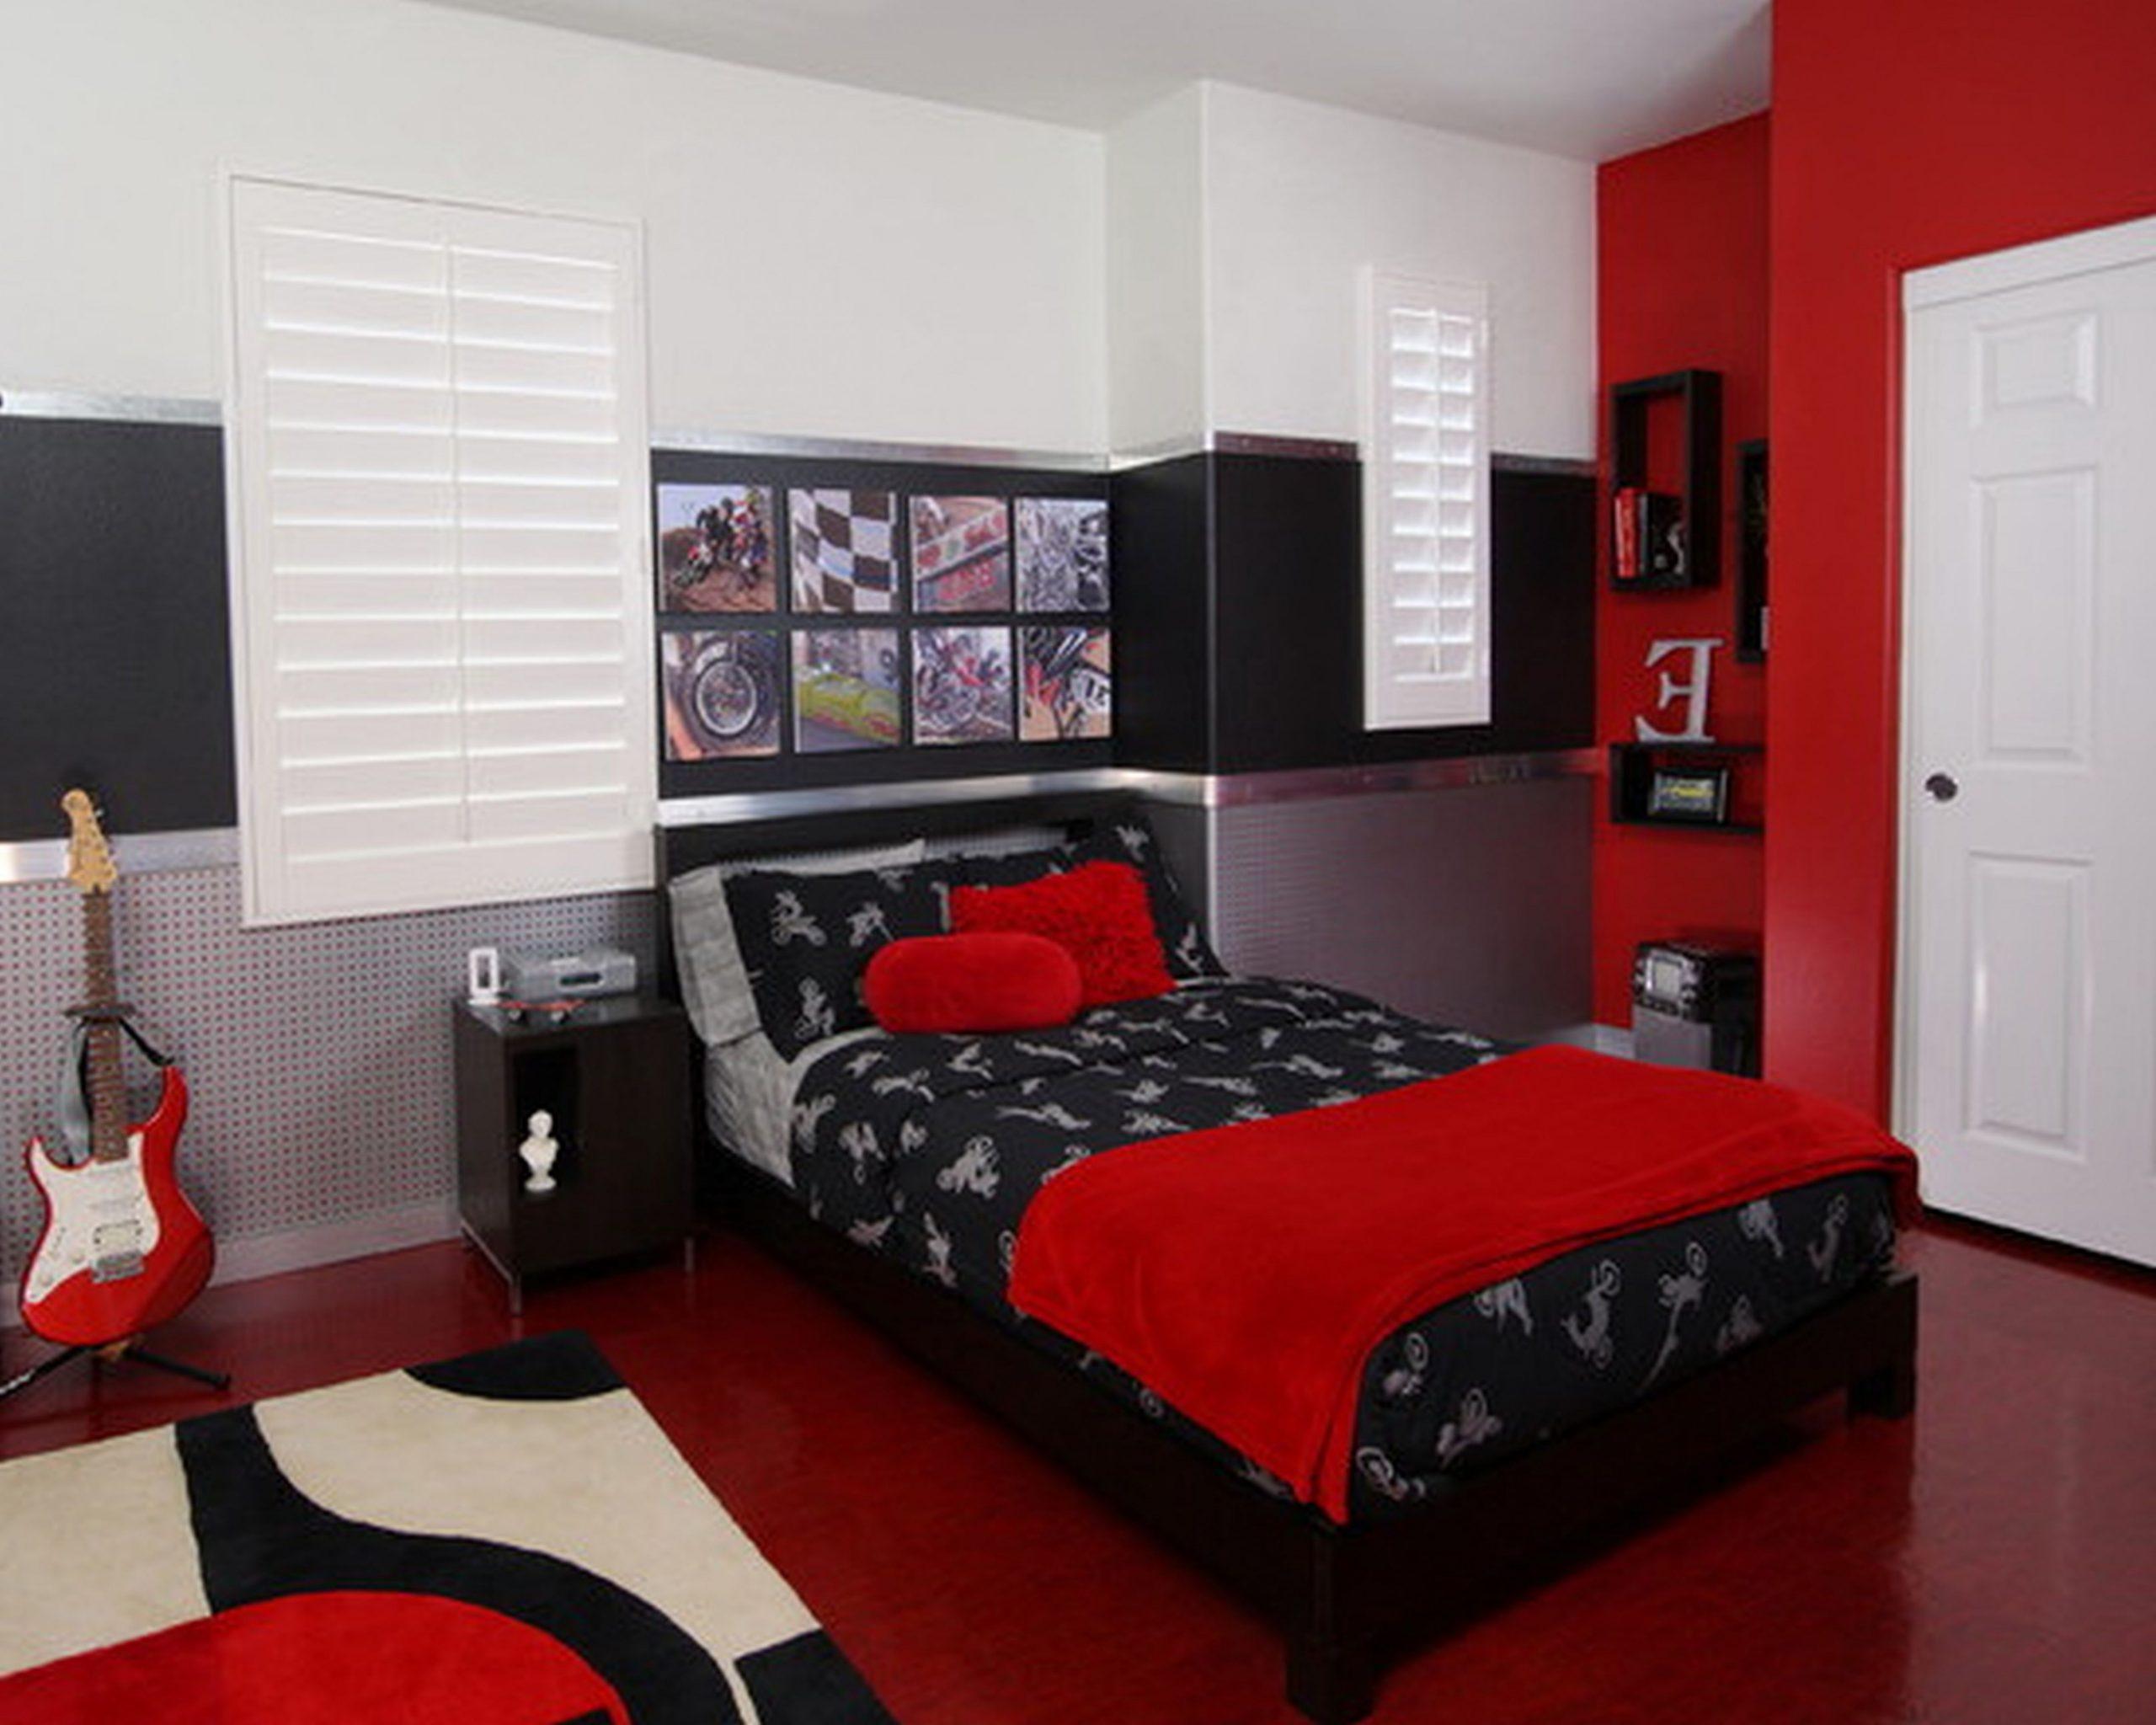 decoration12.com